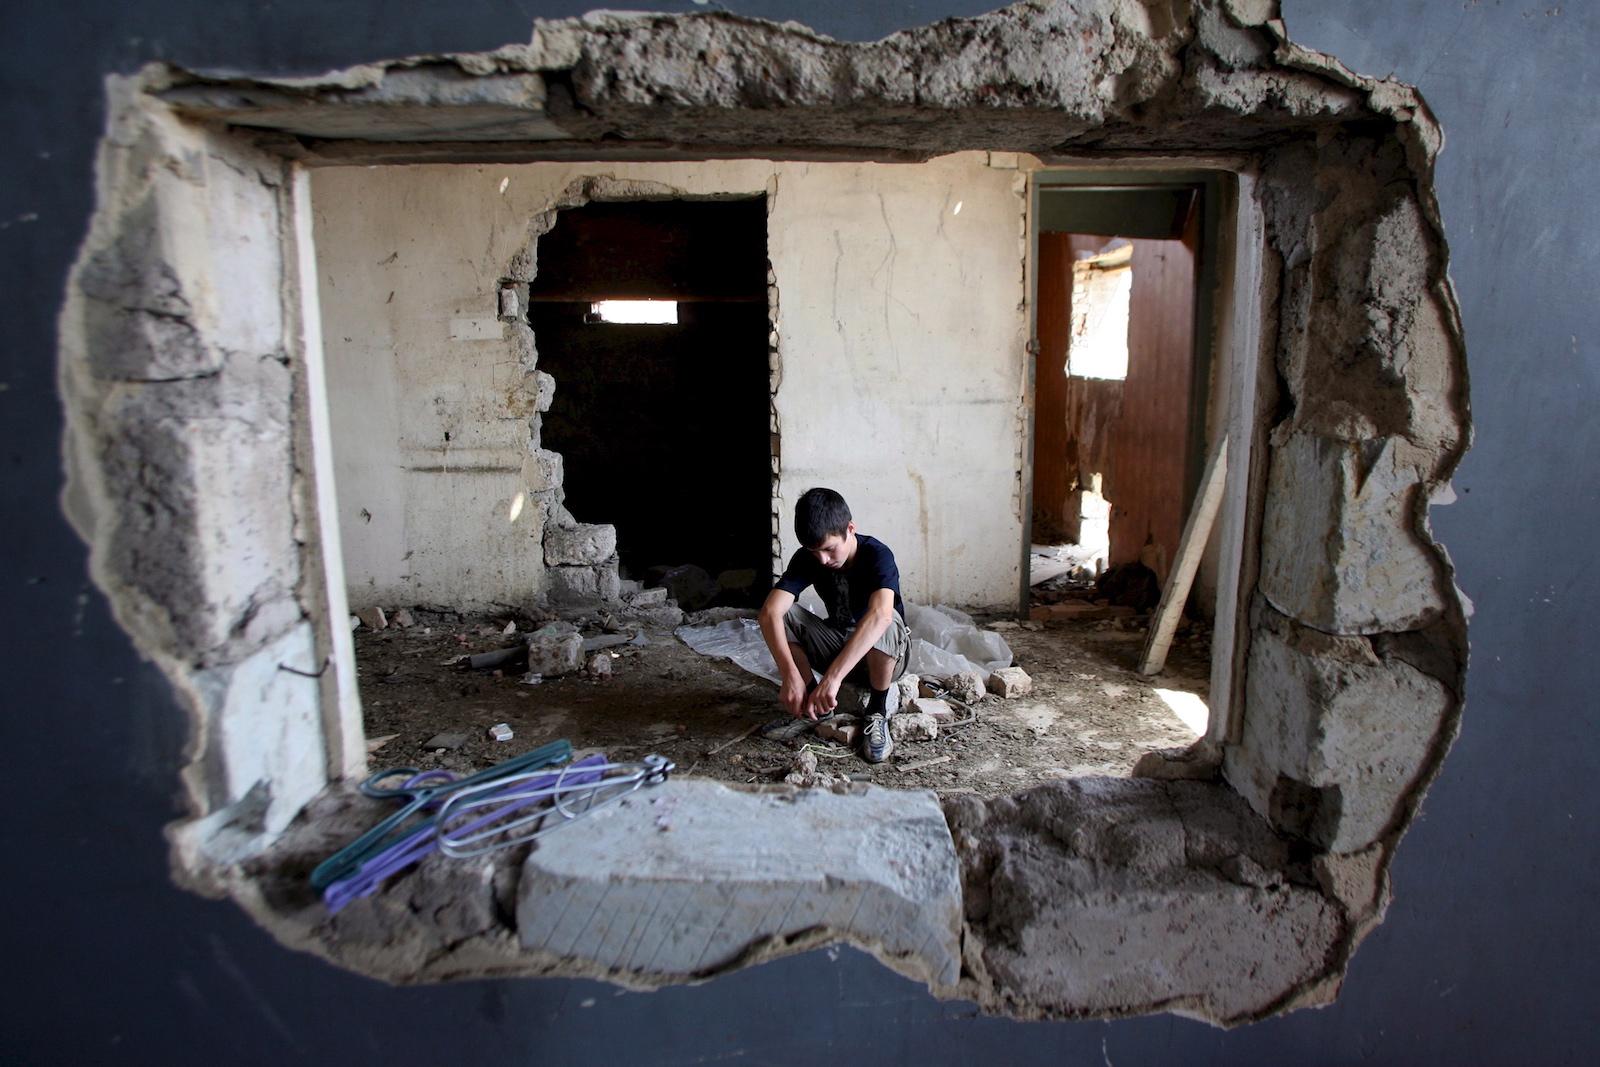 კადრში ხედავთ თბილისში, დევნილ ბიჭს © EPA/ZURAB KURTSIKIDZE